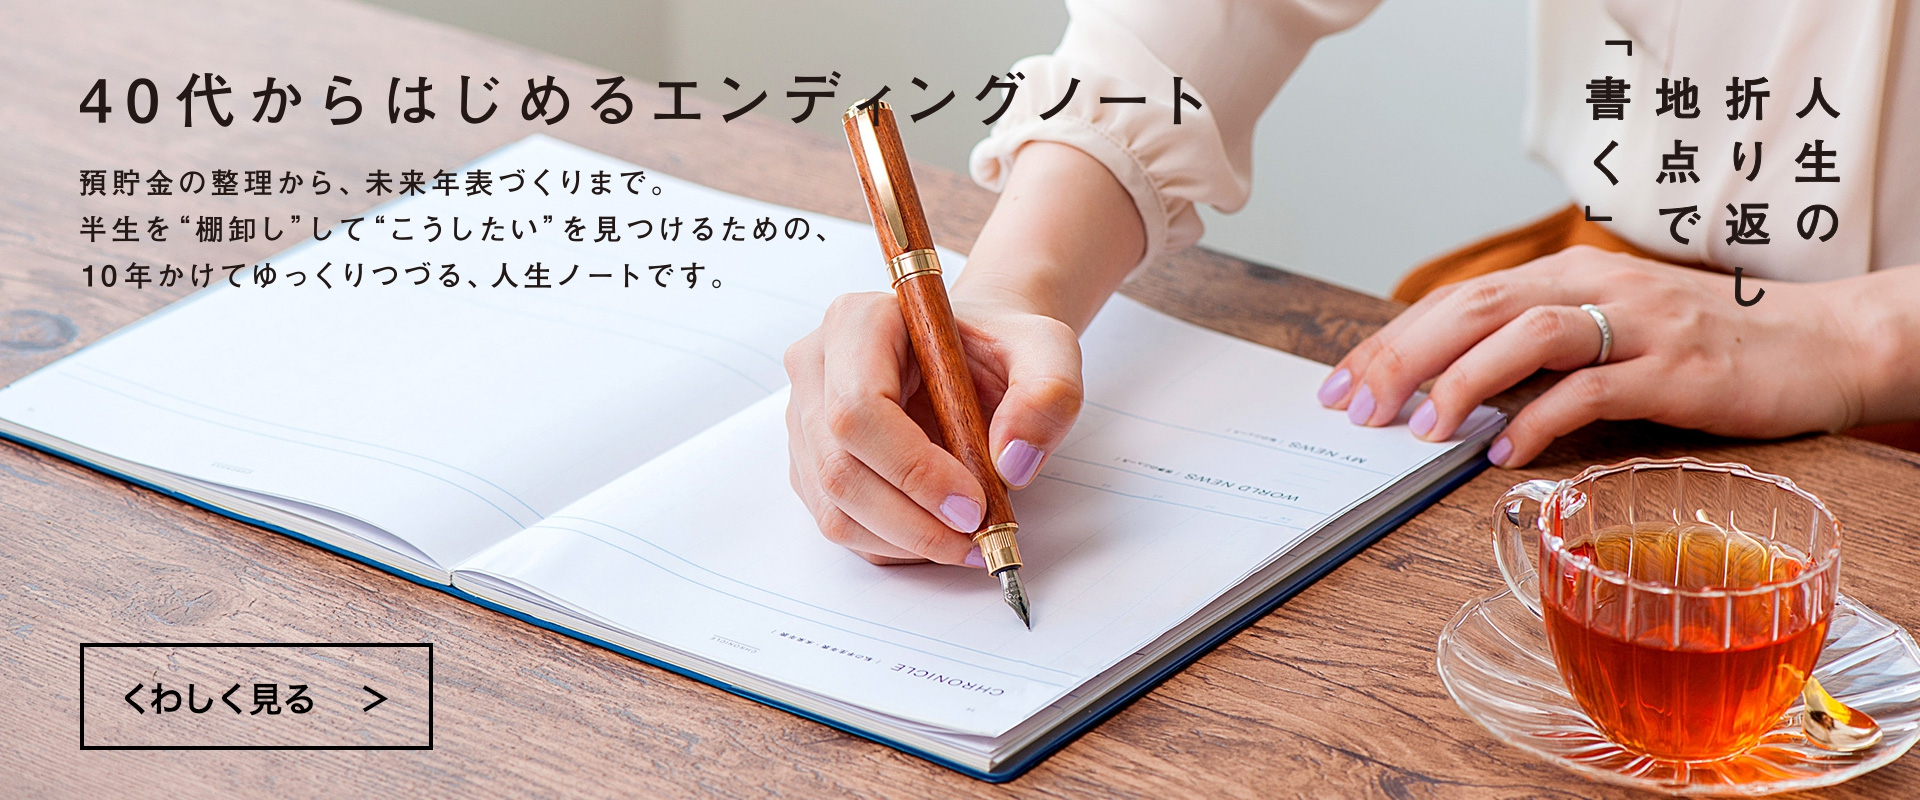 大人のライフログ用ノート